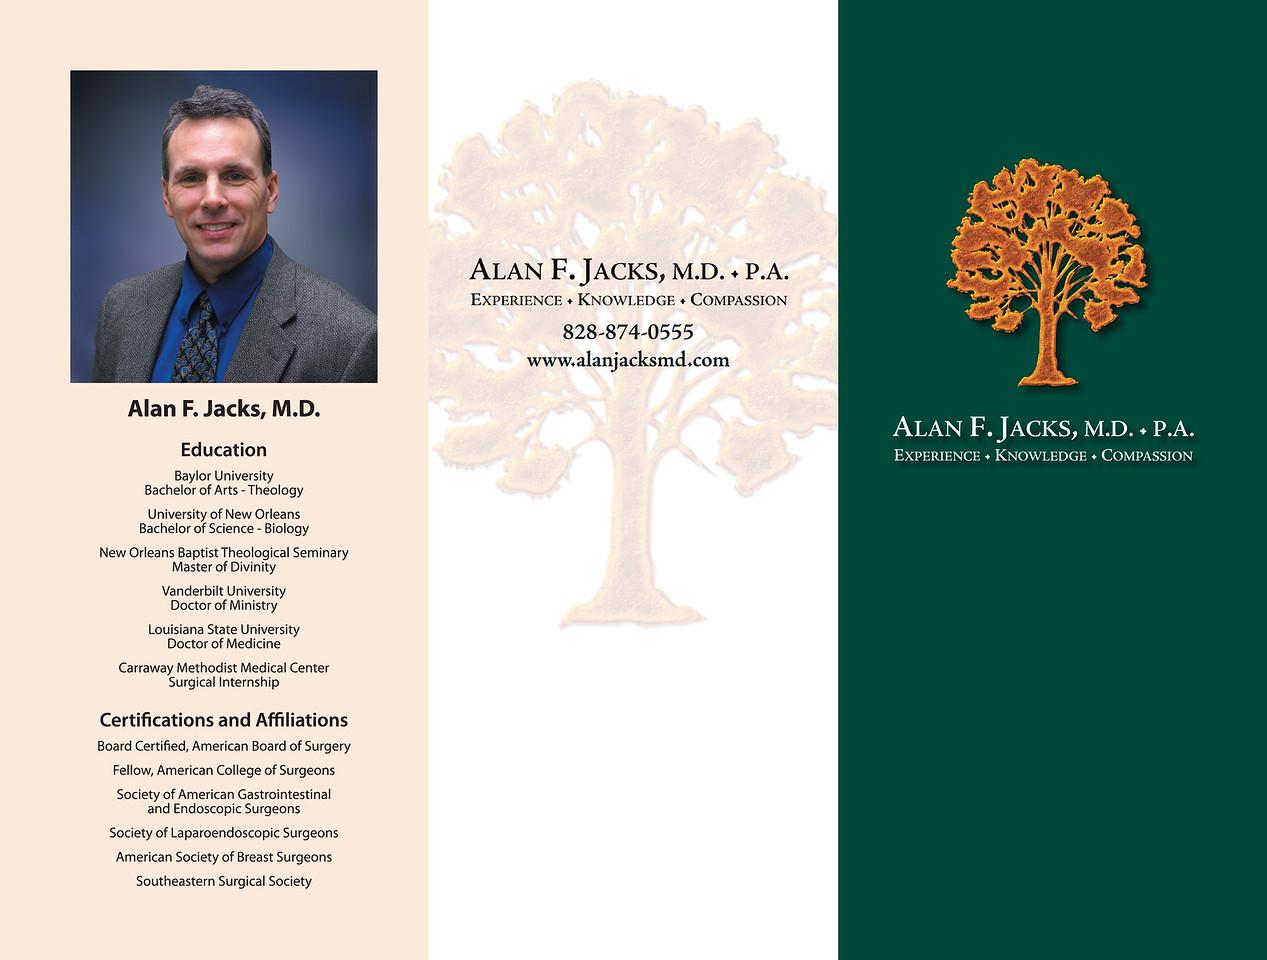 Alan F. Jacks MD brochure and logo design